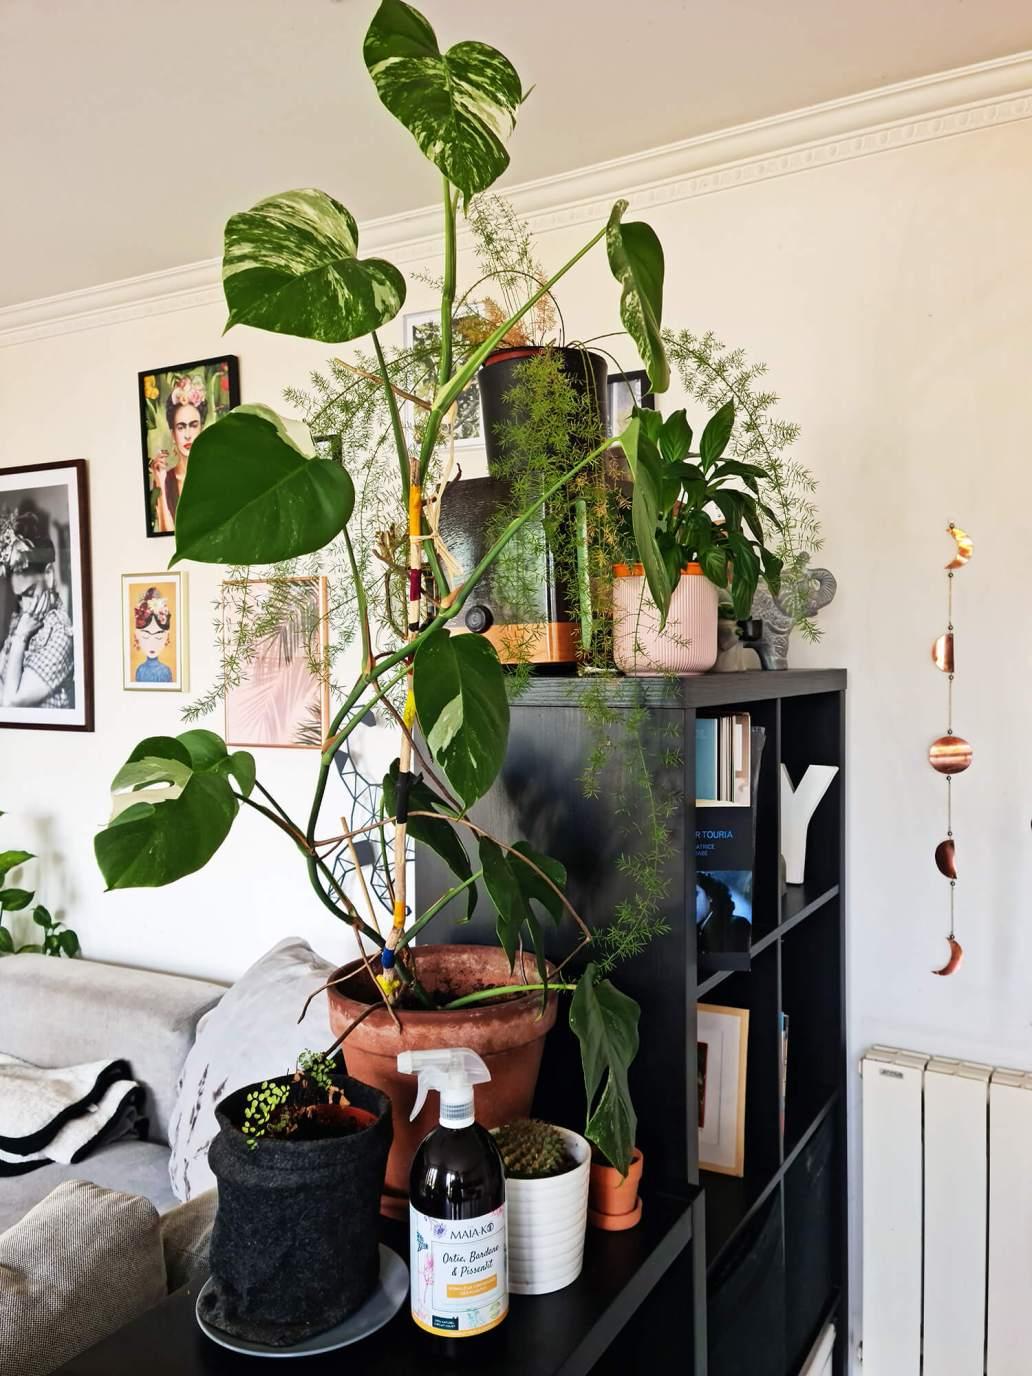 20210512 123926 - Prendre soin des plantes : comment j'entretiens ma jungle urbaine